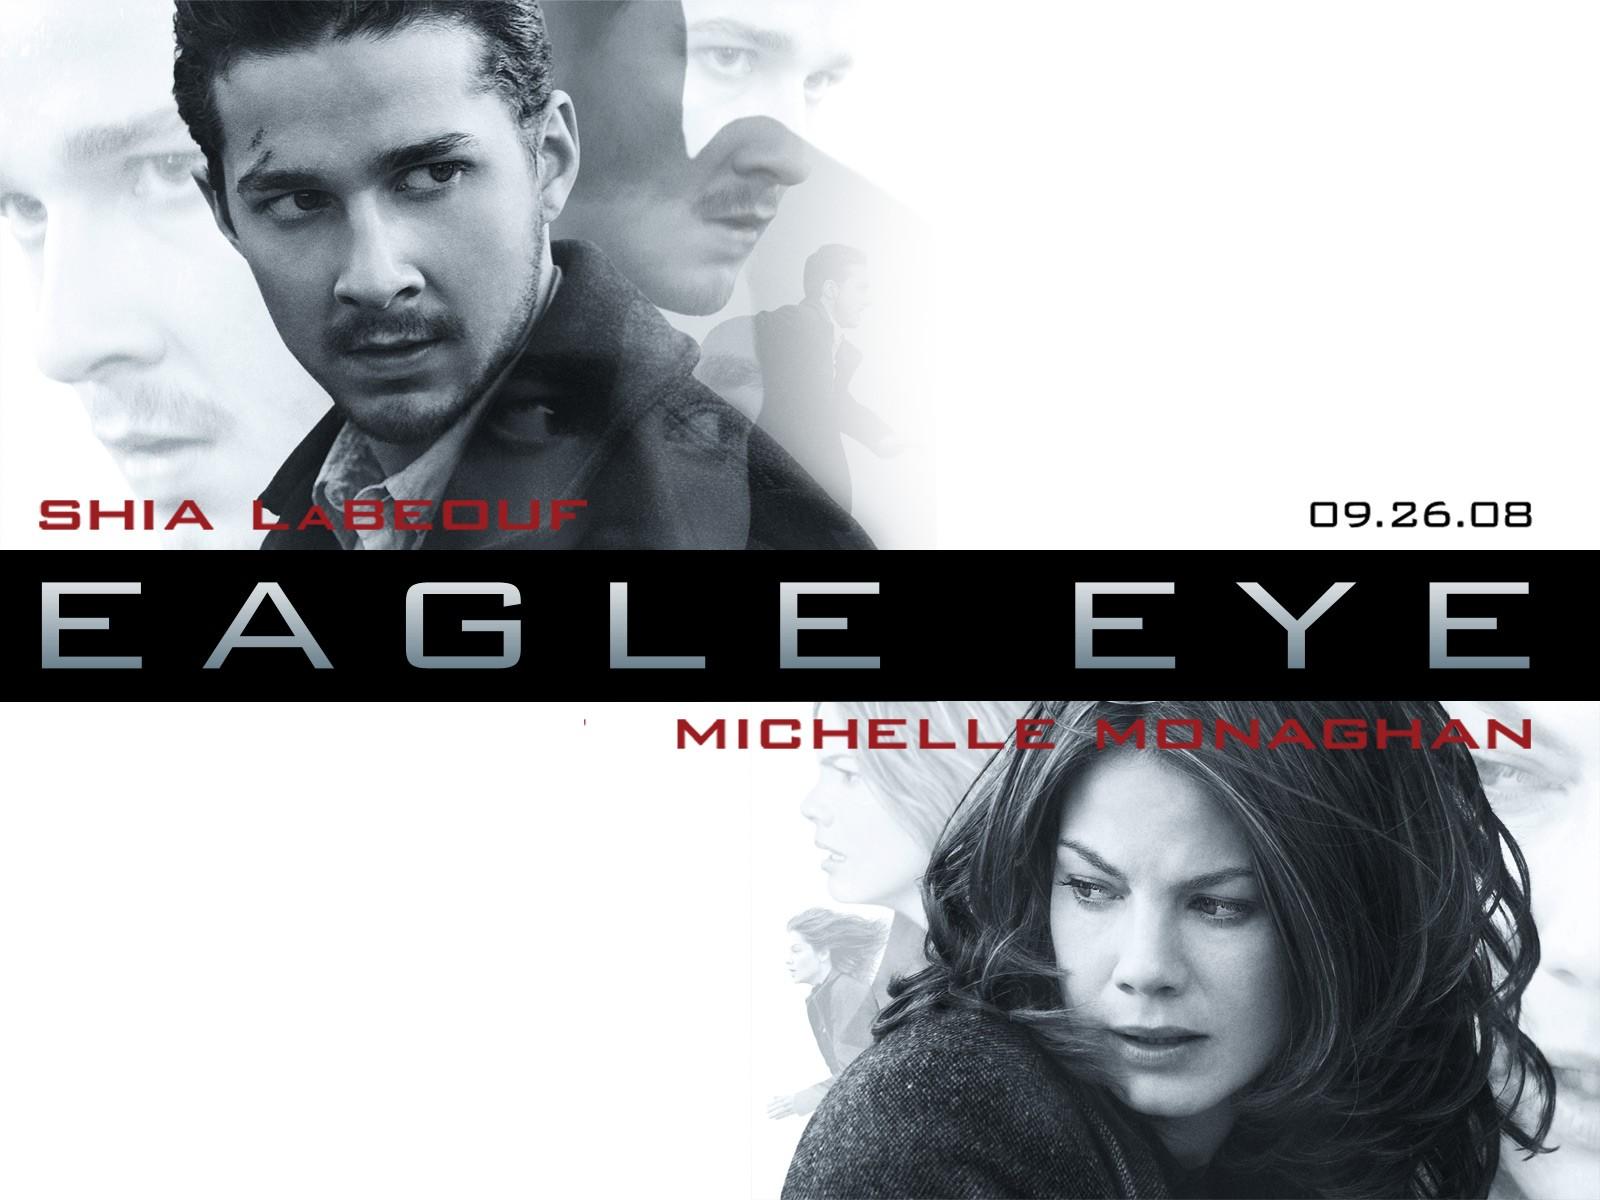 Un wallpaper di Michelle Monaghan e Shia LaBeouf per il film Eagle Eye